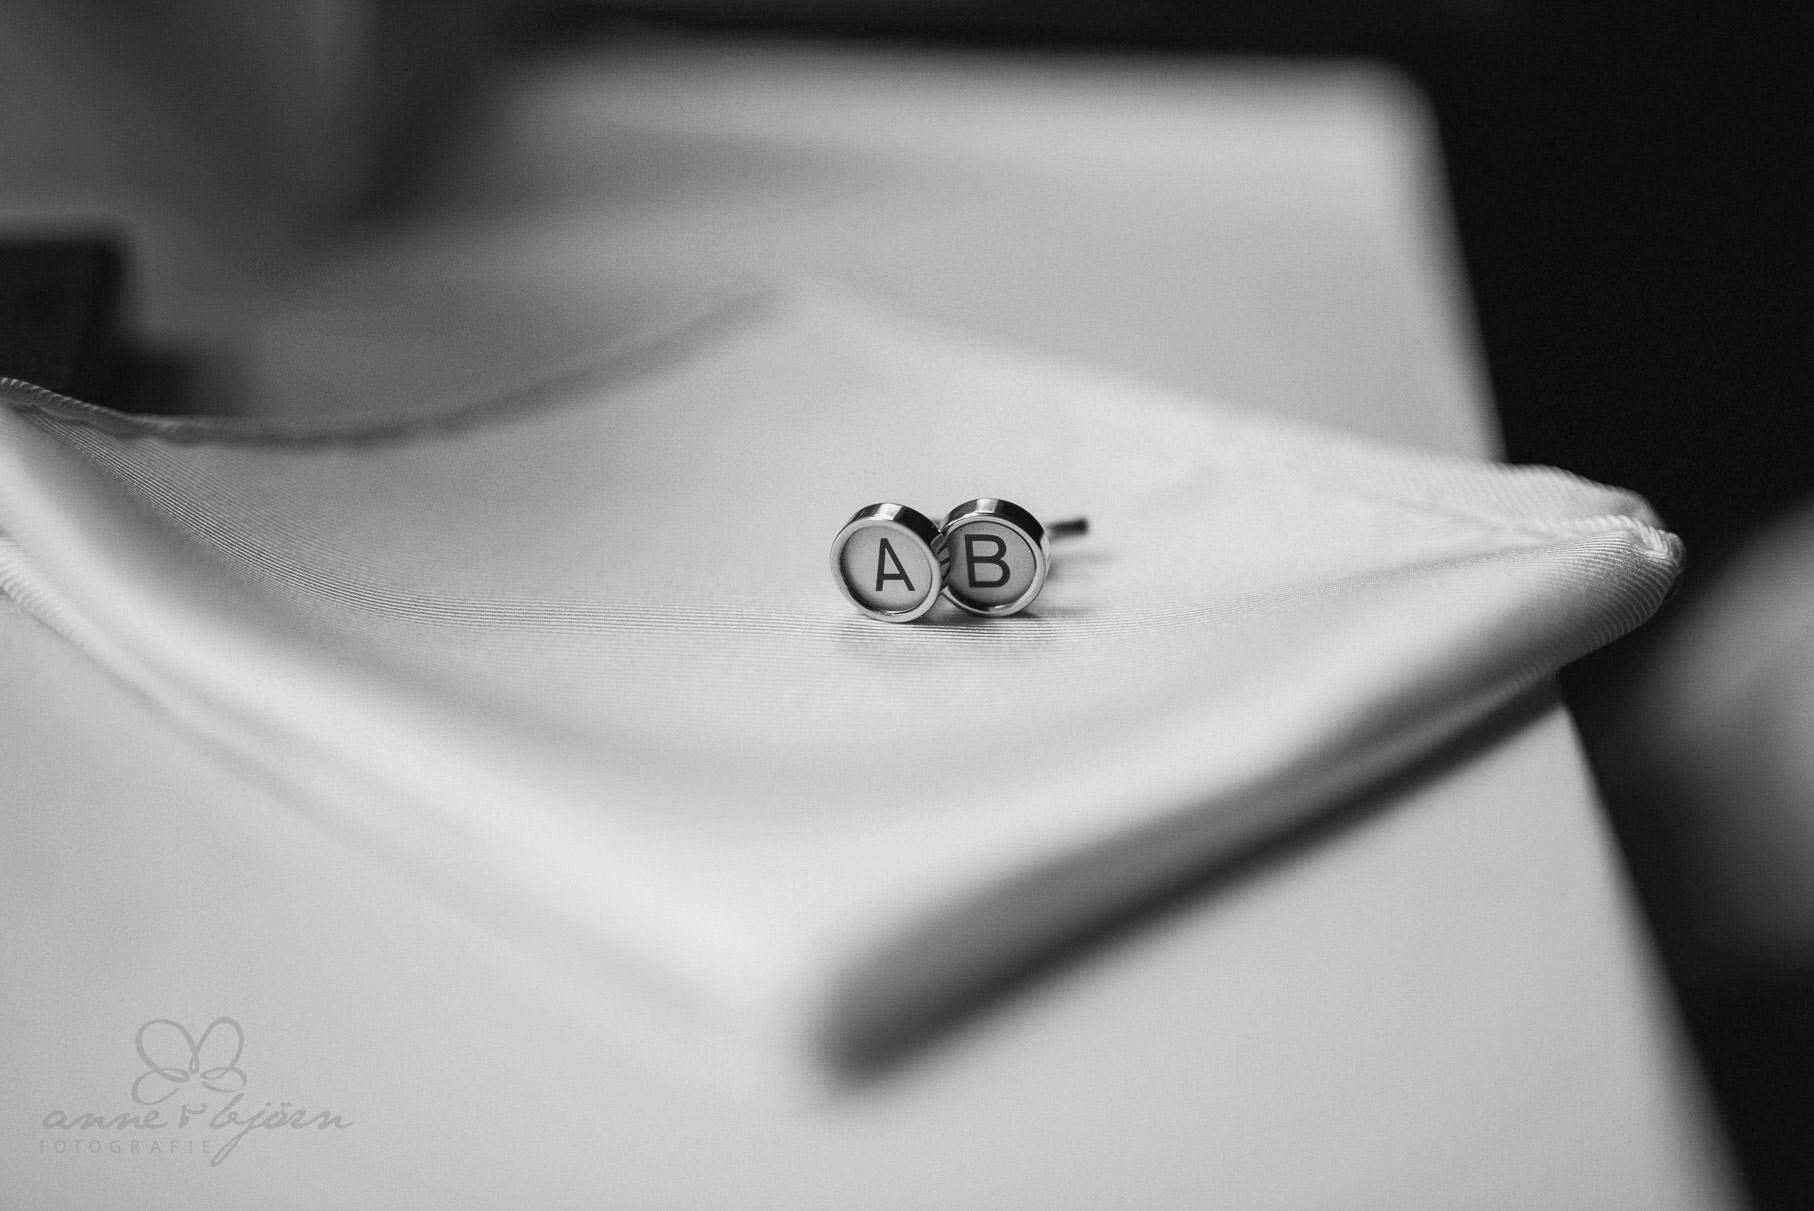 0016 aub 811 4571 - Hochzeit auf Gut Thansen - Anja & Björn